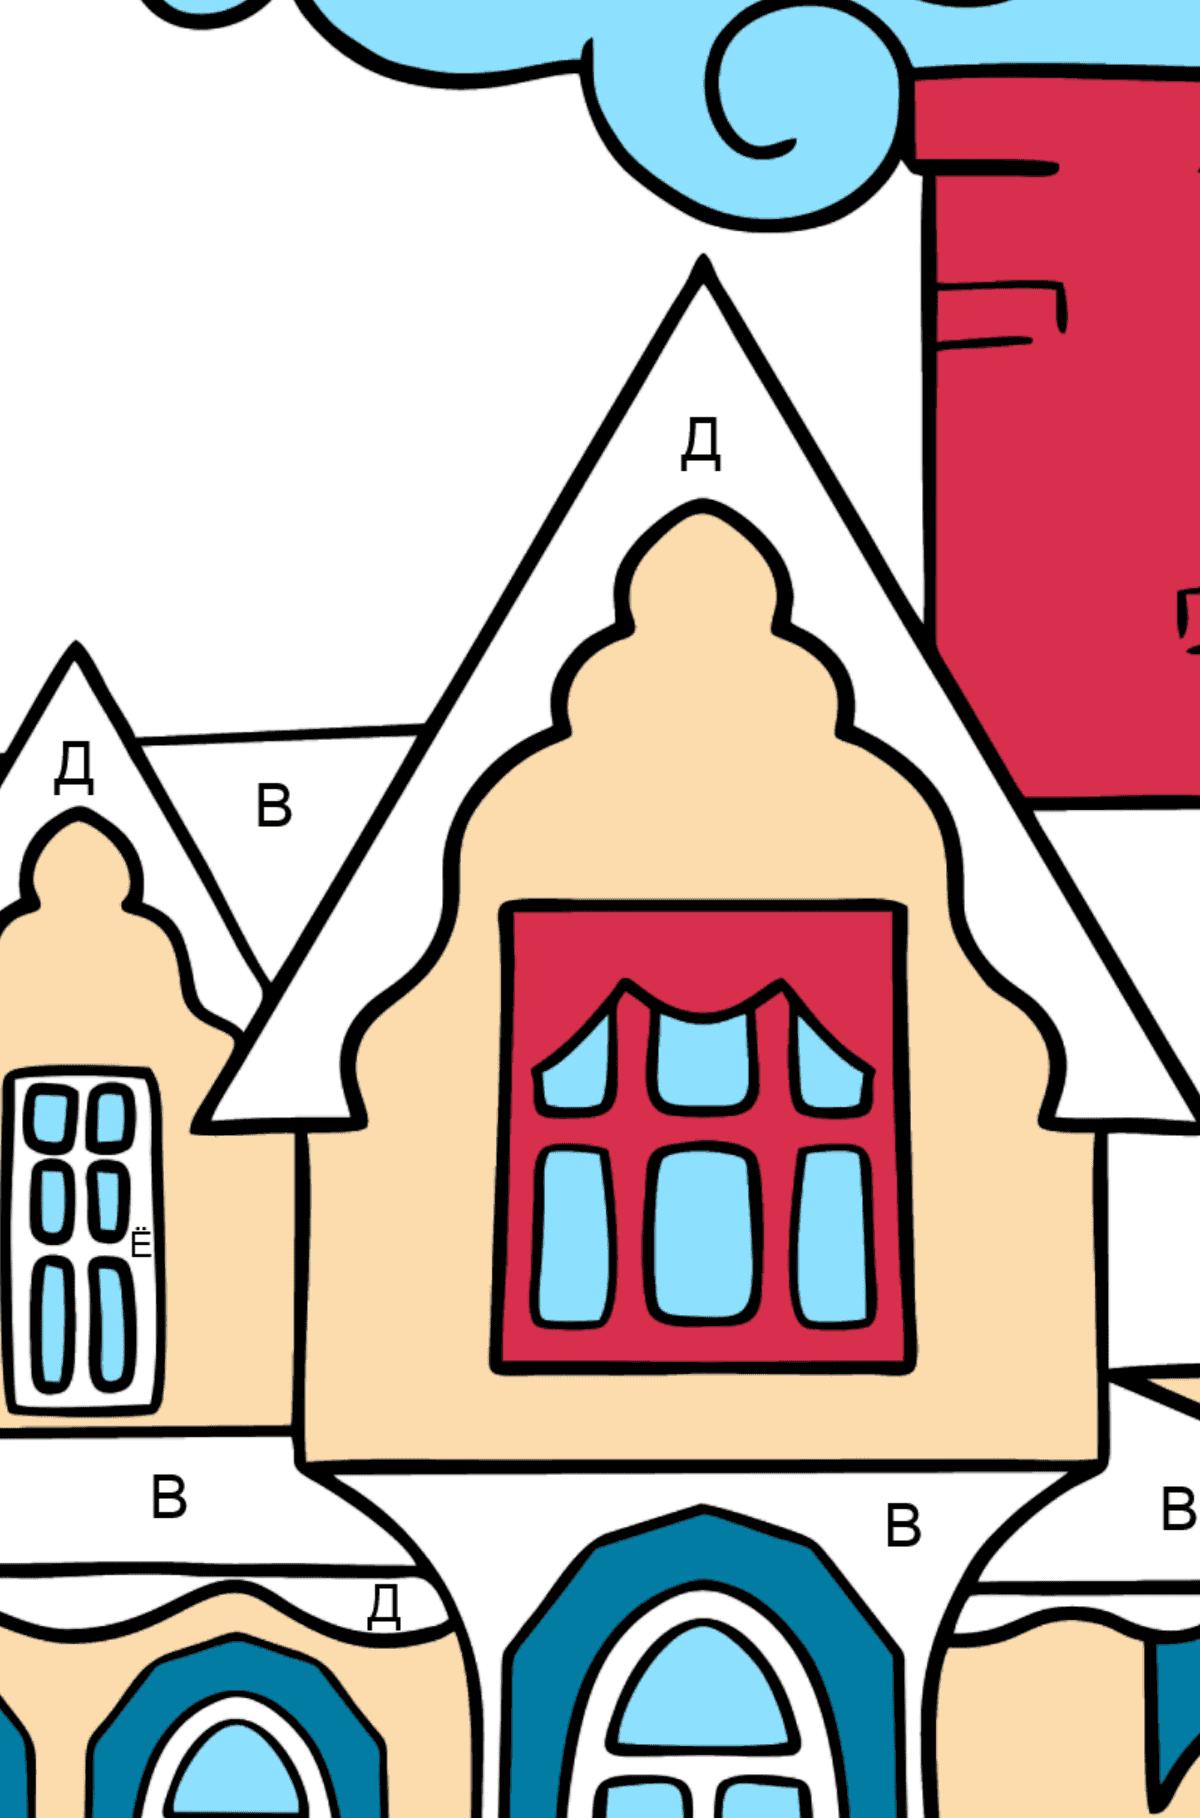 Раскраска домик чудесный - Раскраска по Буквам для Детей